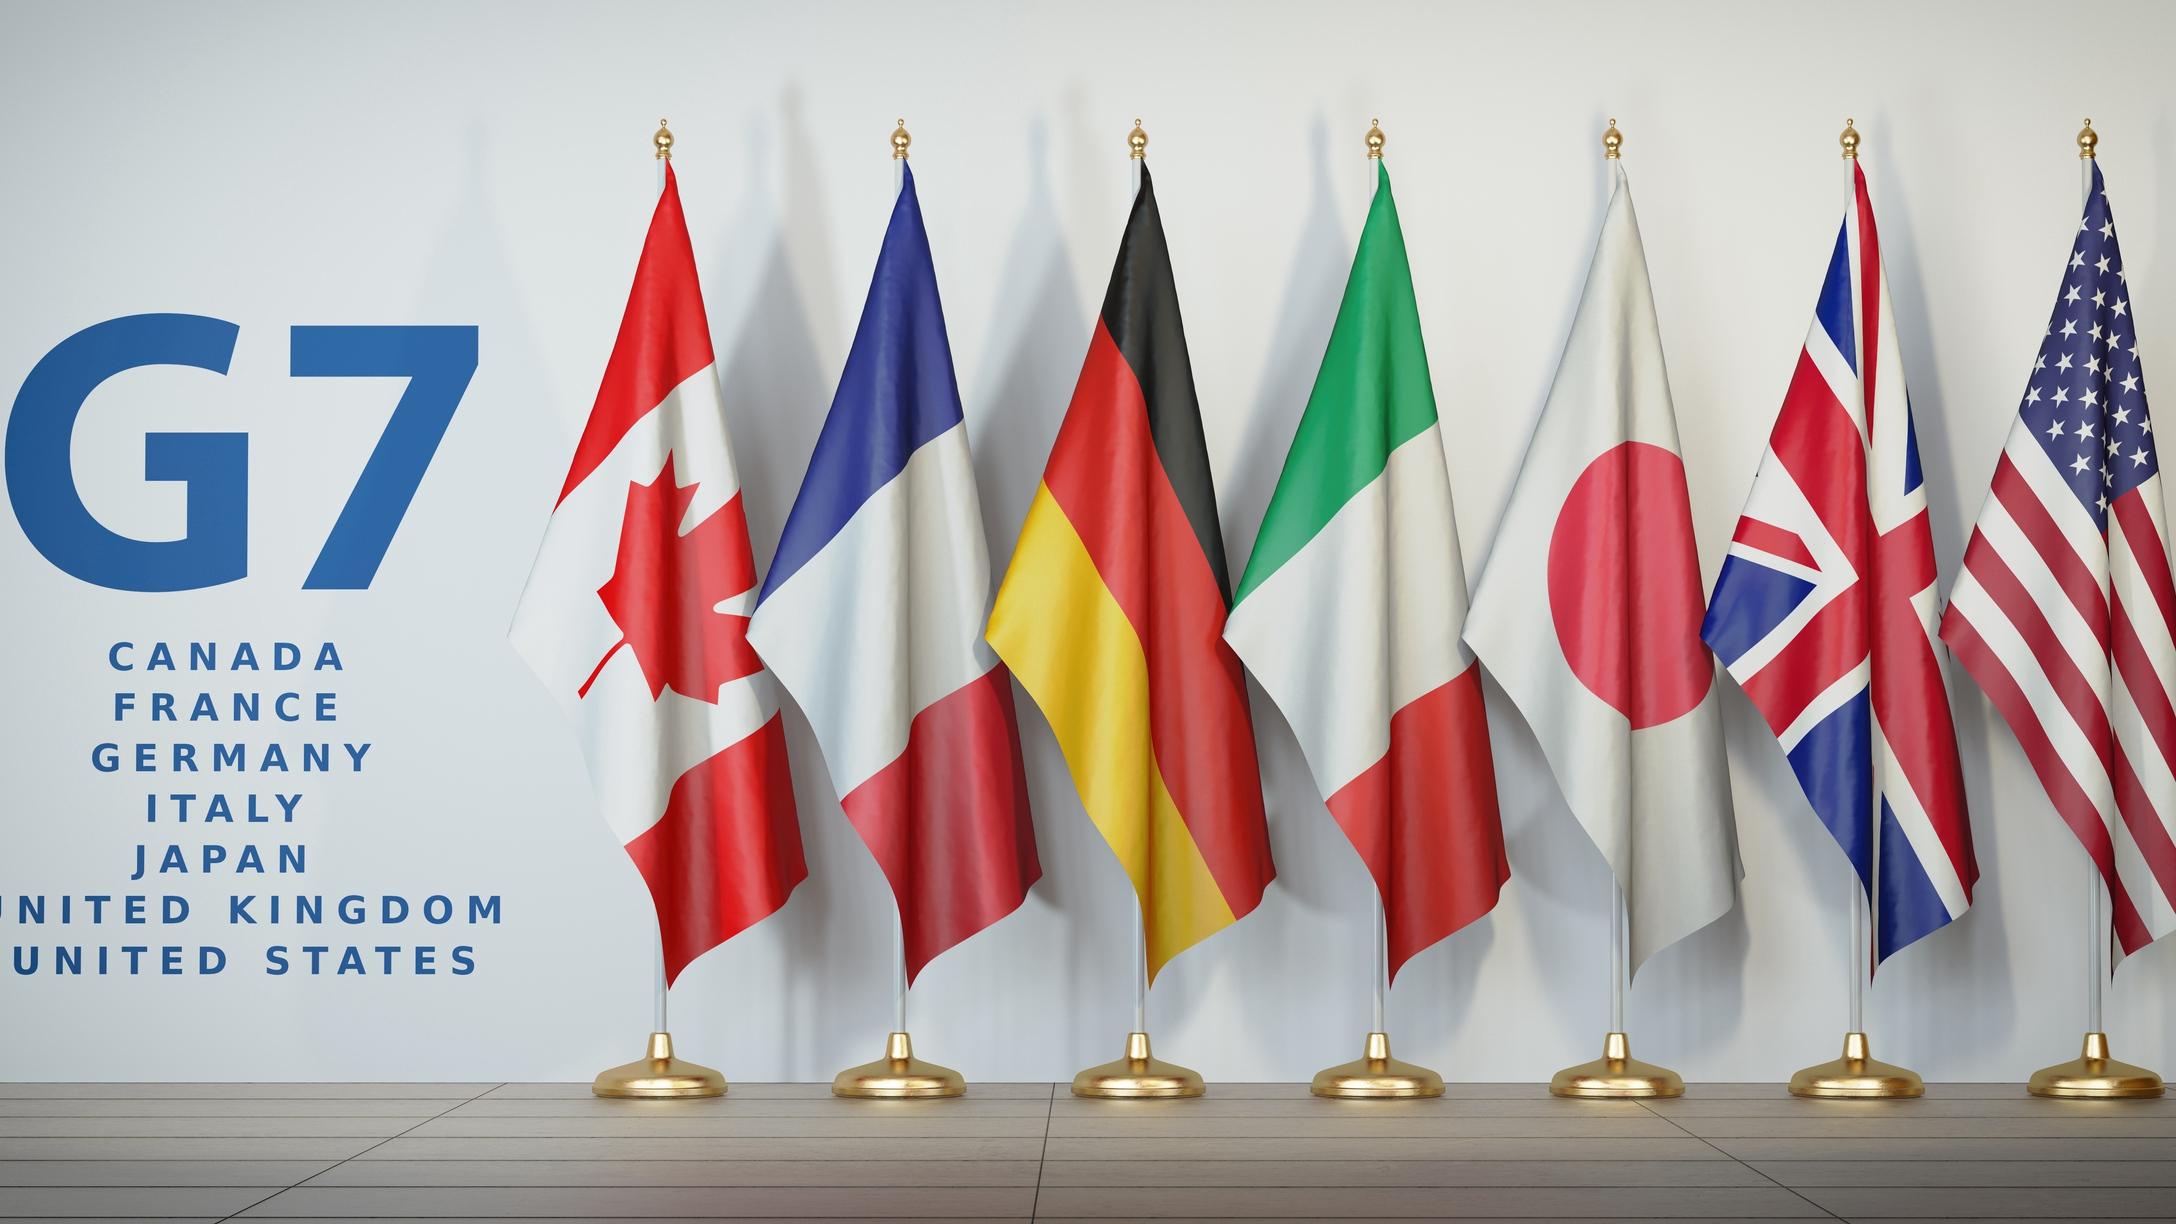 Economías del G7 caerán un 8,5 % anual si no bajan emisiones, avisa Oxfam    TRA Noticias